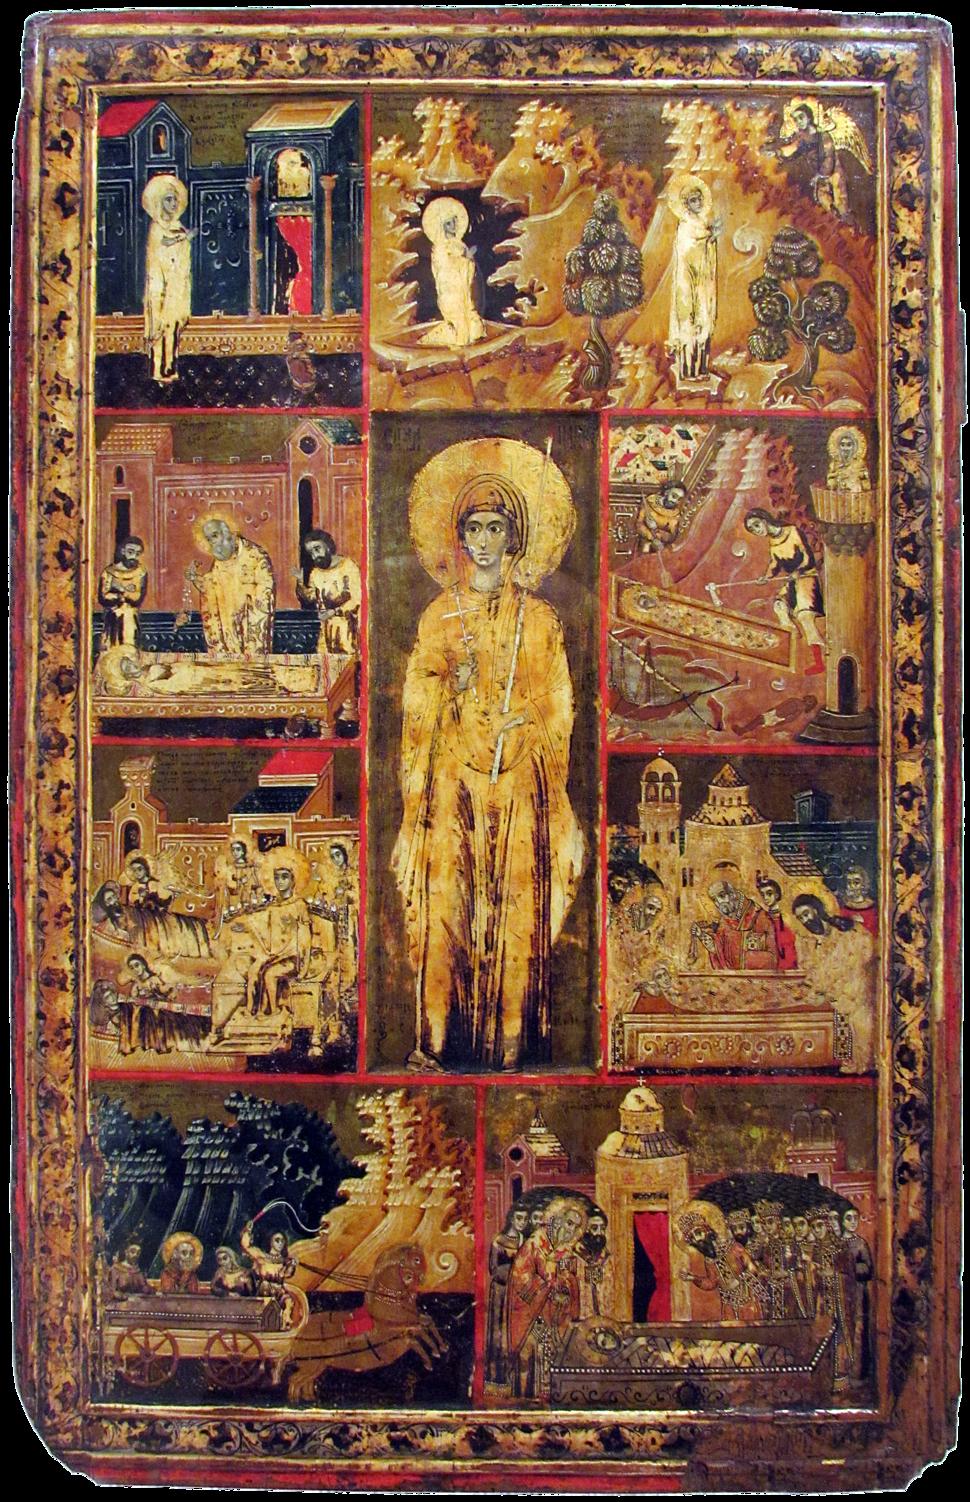 Vita icon of St Paraskeve of Trnovo (Patriarchate of Peć, 1719-20)